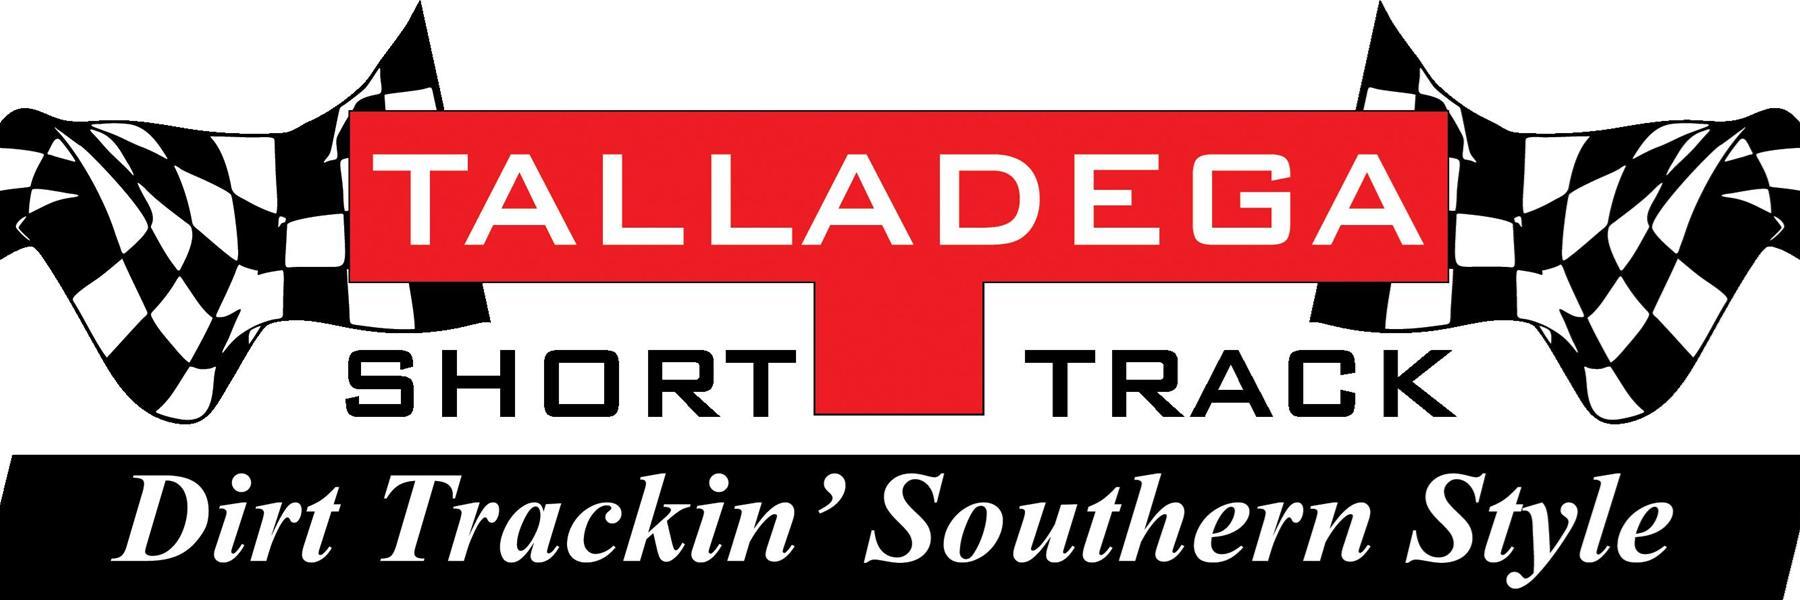 Talladega Short Track